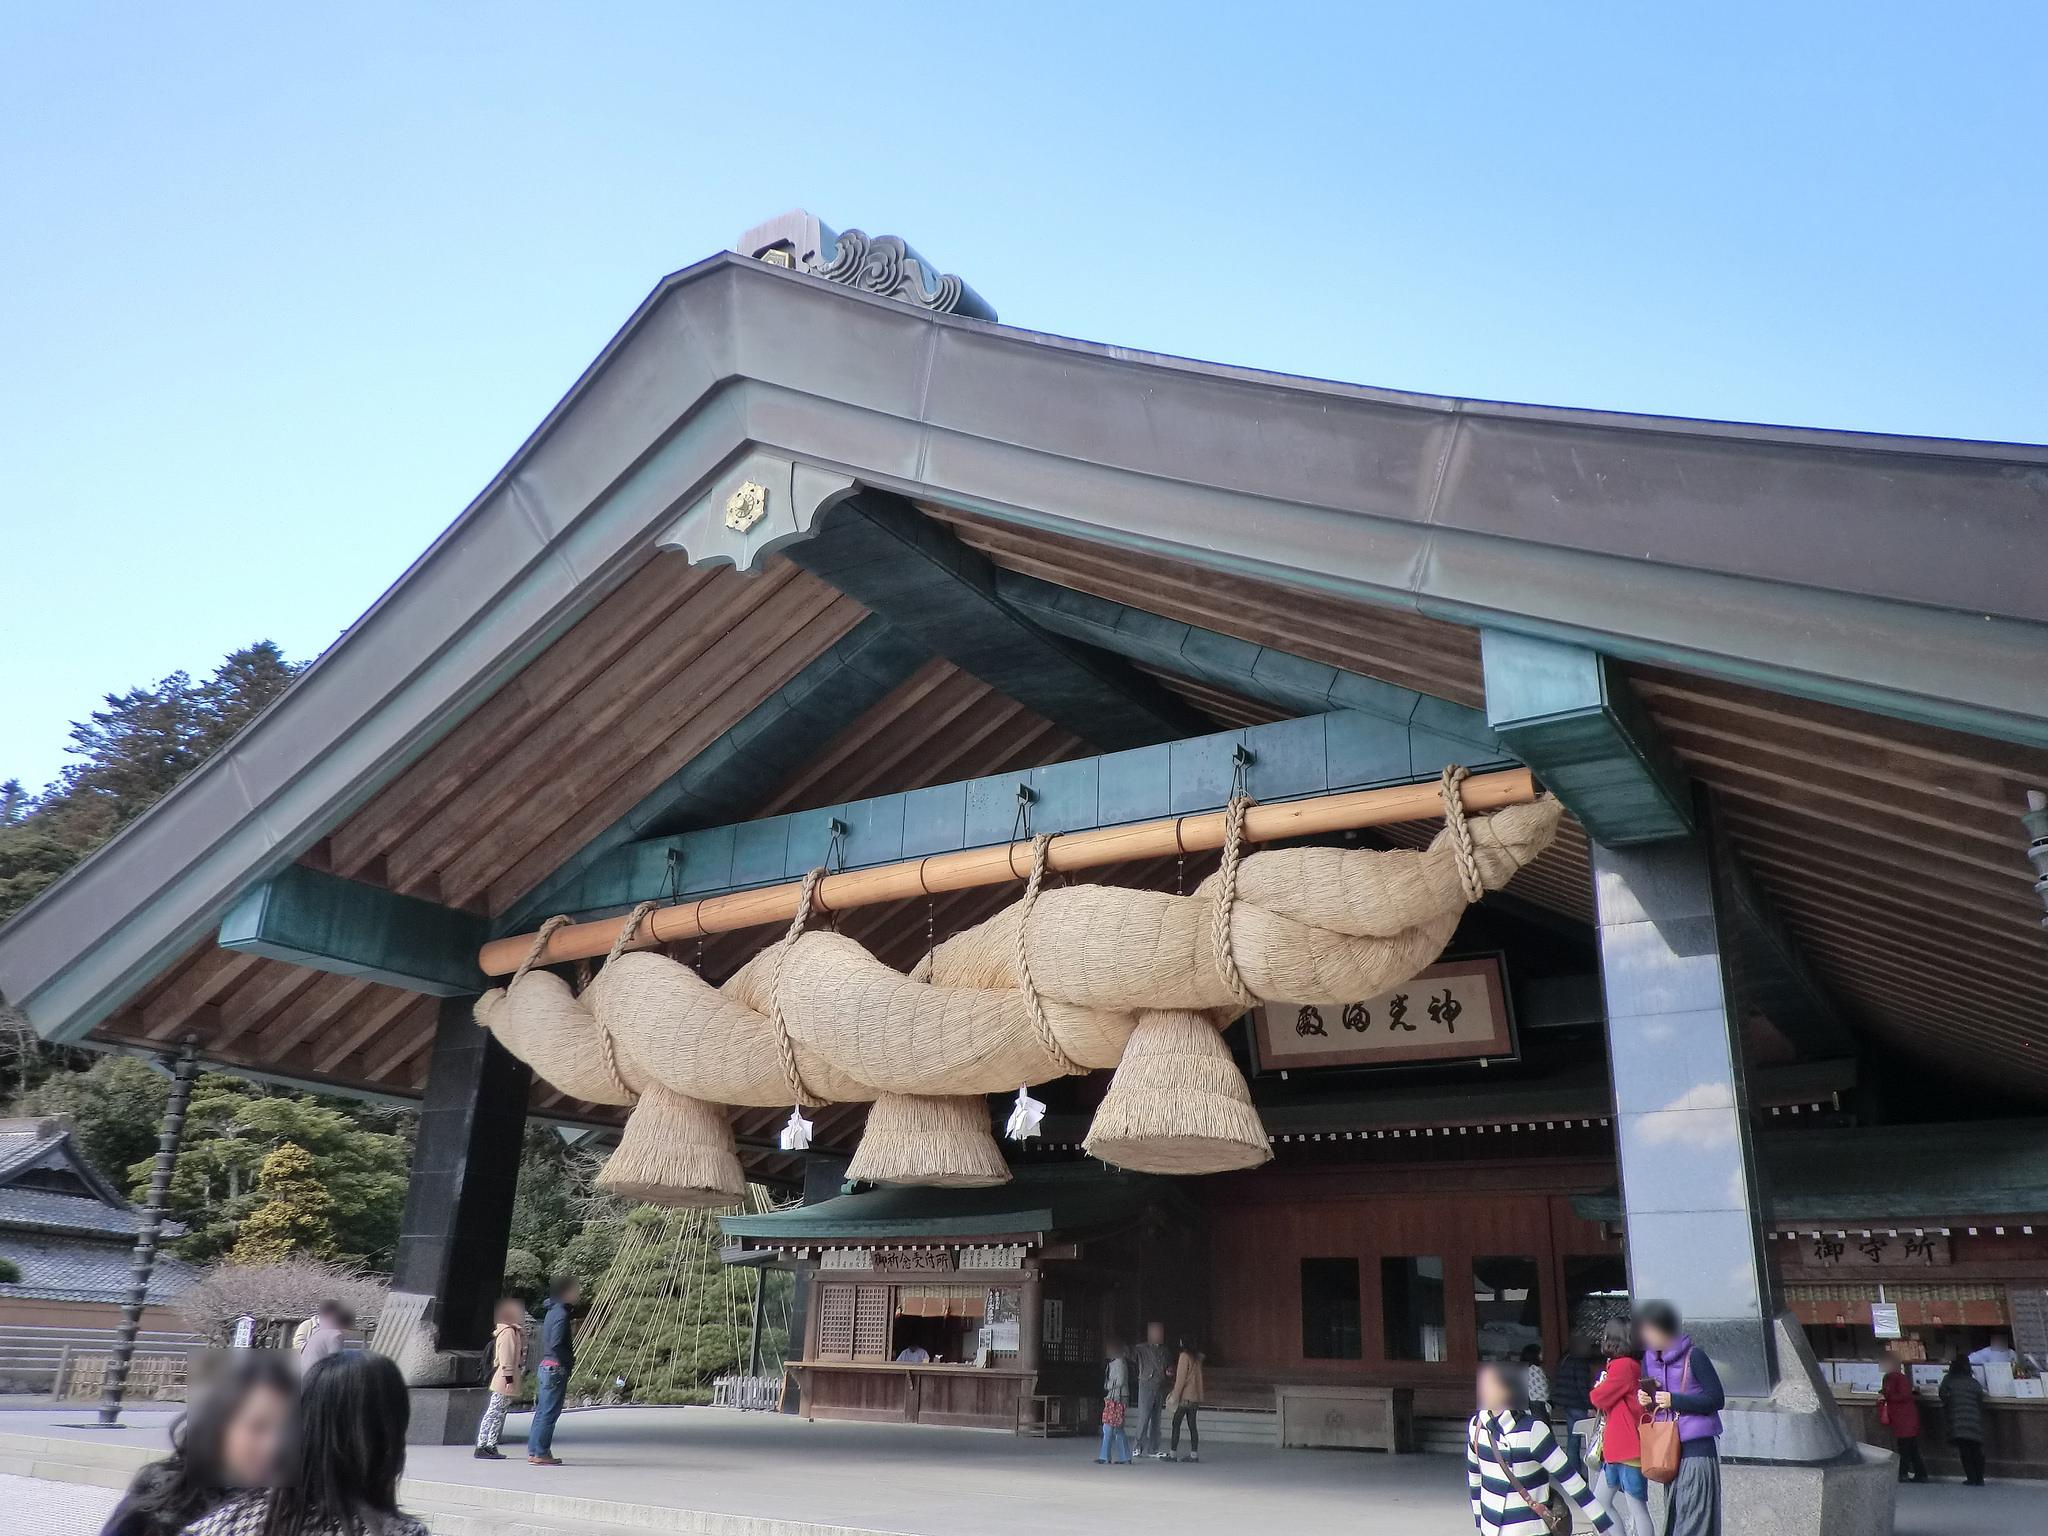 【職場・社員旅行モデルコース】ぐるっと鳥取・島根2日間★出雲大社&玉造温泉